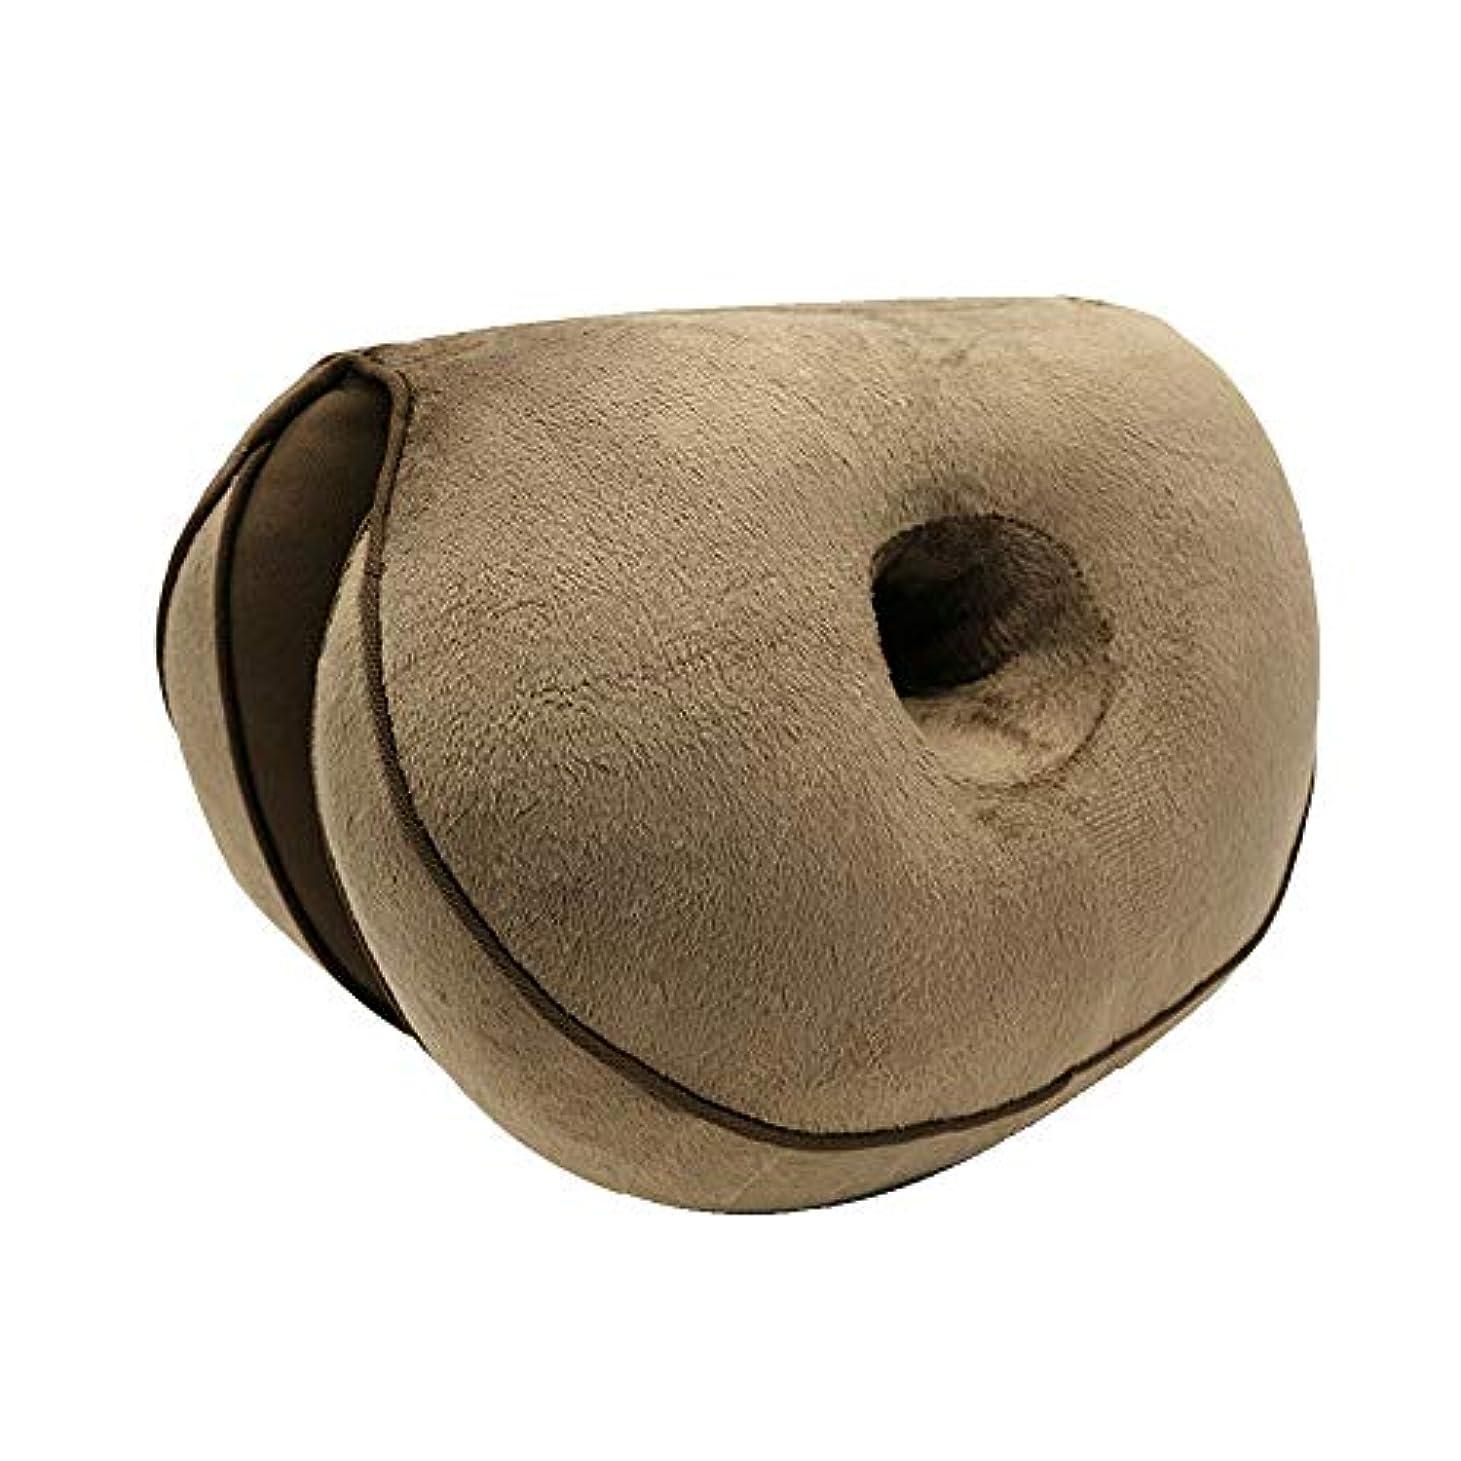 フリッパー全員端末LIFE 新デュアルシートクッション低反発ラテックスオフィスチェアバックシートクッション快適な臀部マットパッド枕旅行枕女性女の子 クッション 椅子